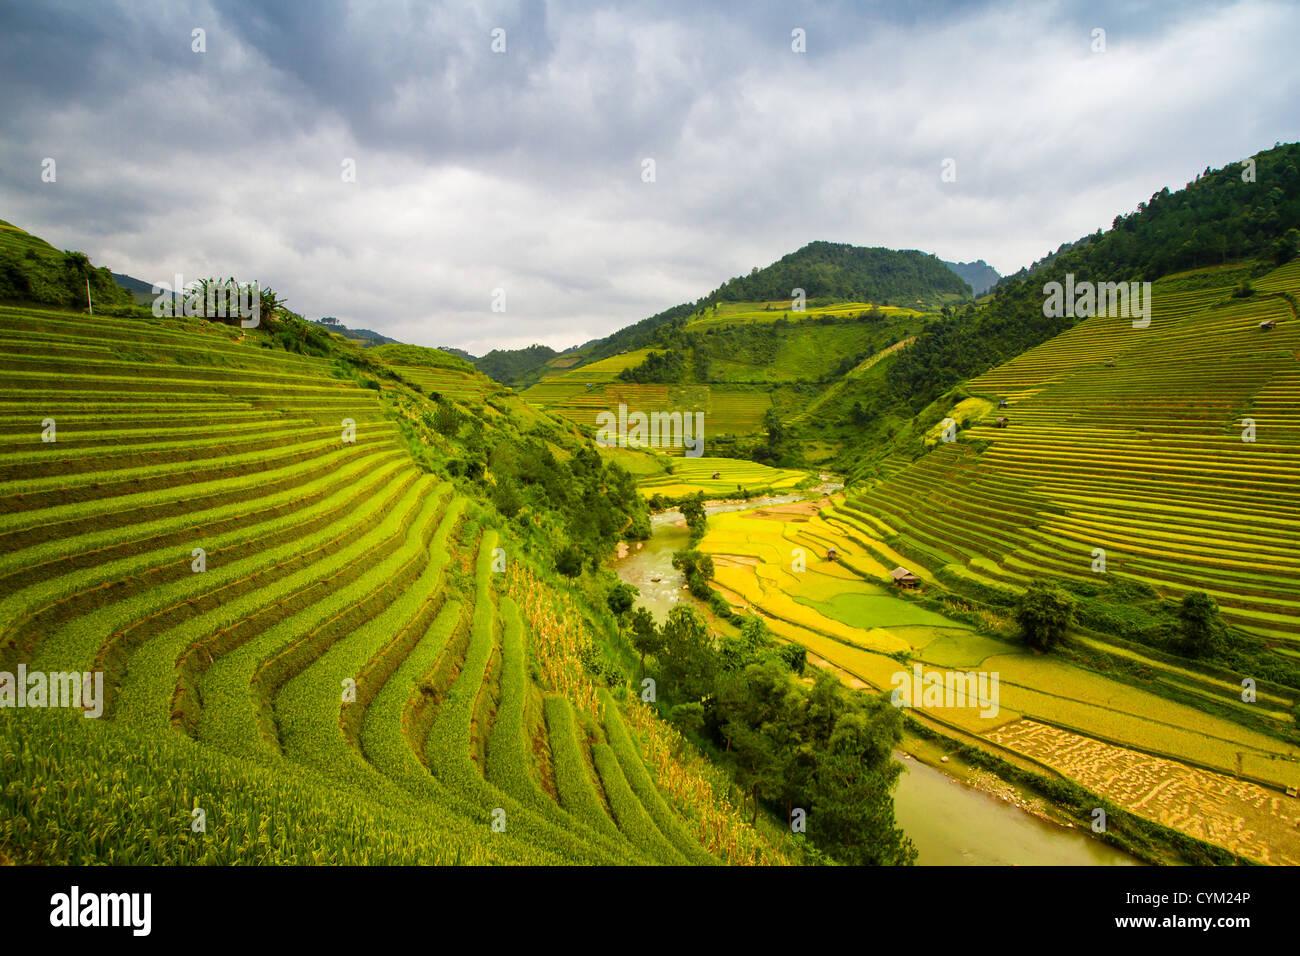 Rizières en terrasses des minorités ethniques Hmong, vivant dans le nord-ouest de la région montagneuse Photo Stock